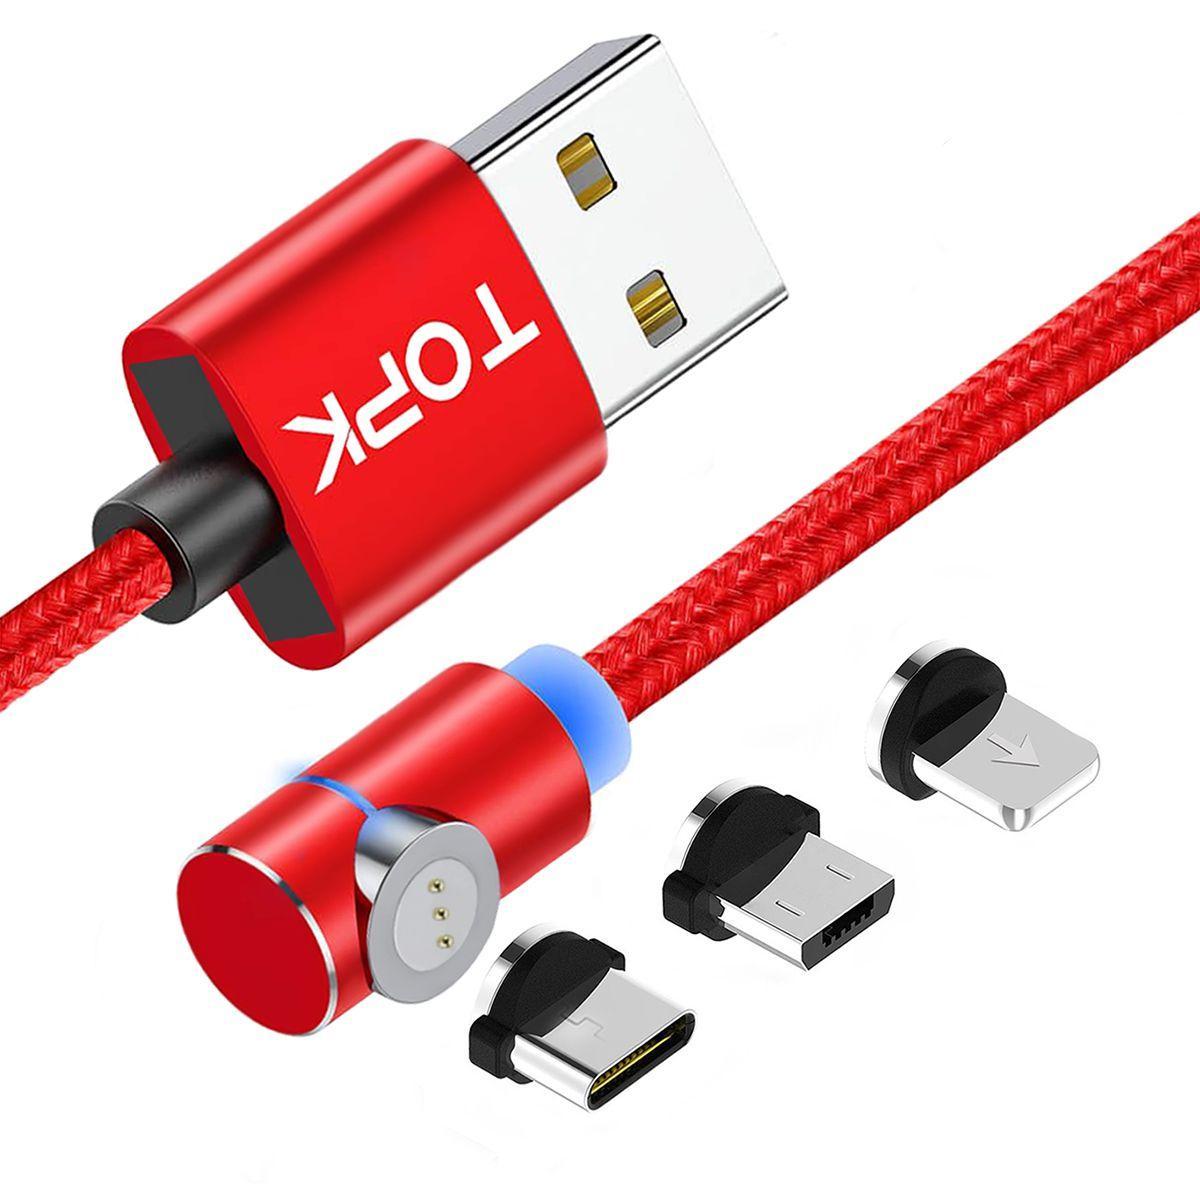 Магнитный кабель TOPK (AM69) 3в1 (SL 3A) для зарядки и передачи данных (100 см) Red